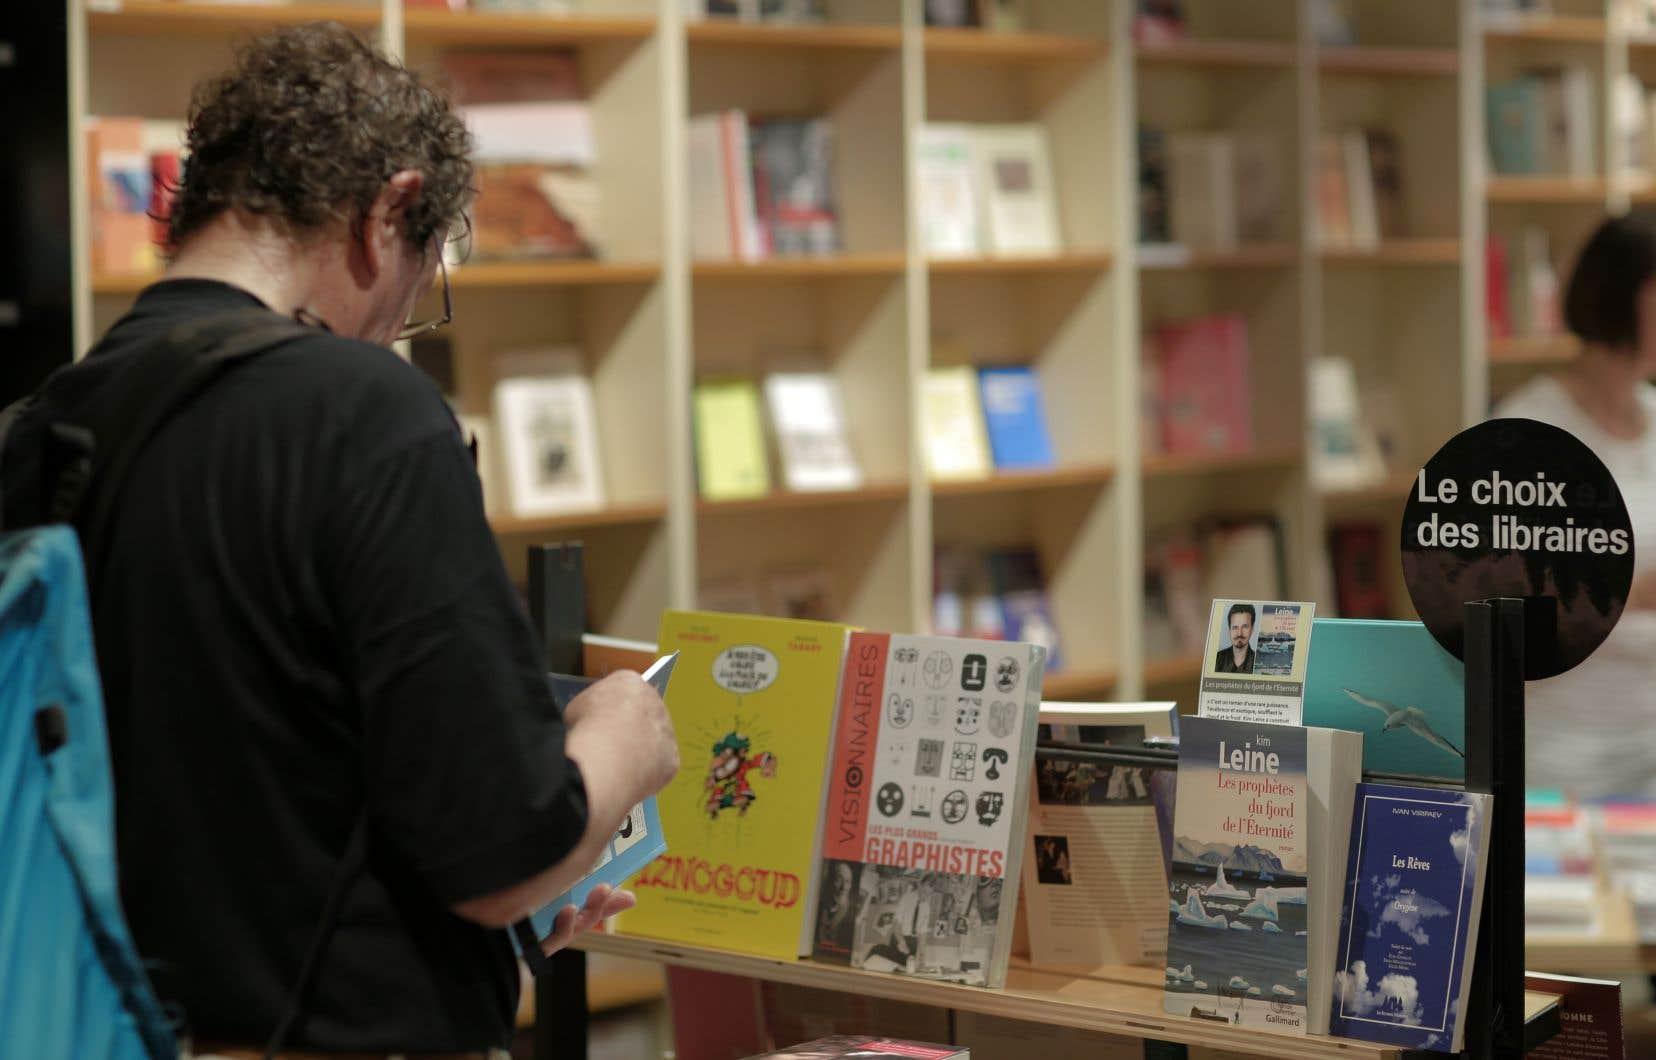 La crise économique causée par la COVID-19 aura eu raison de la librairie vieille de 35 ans.